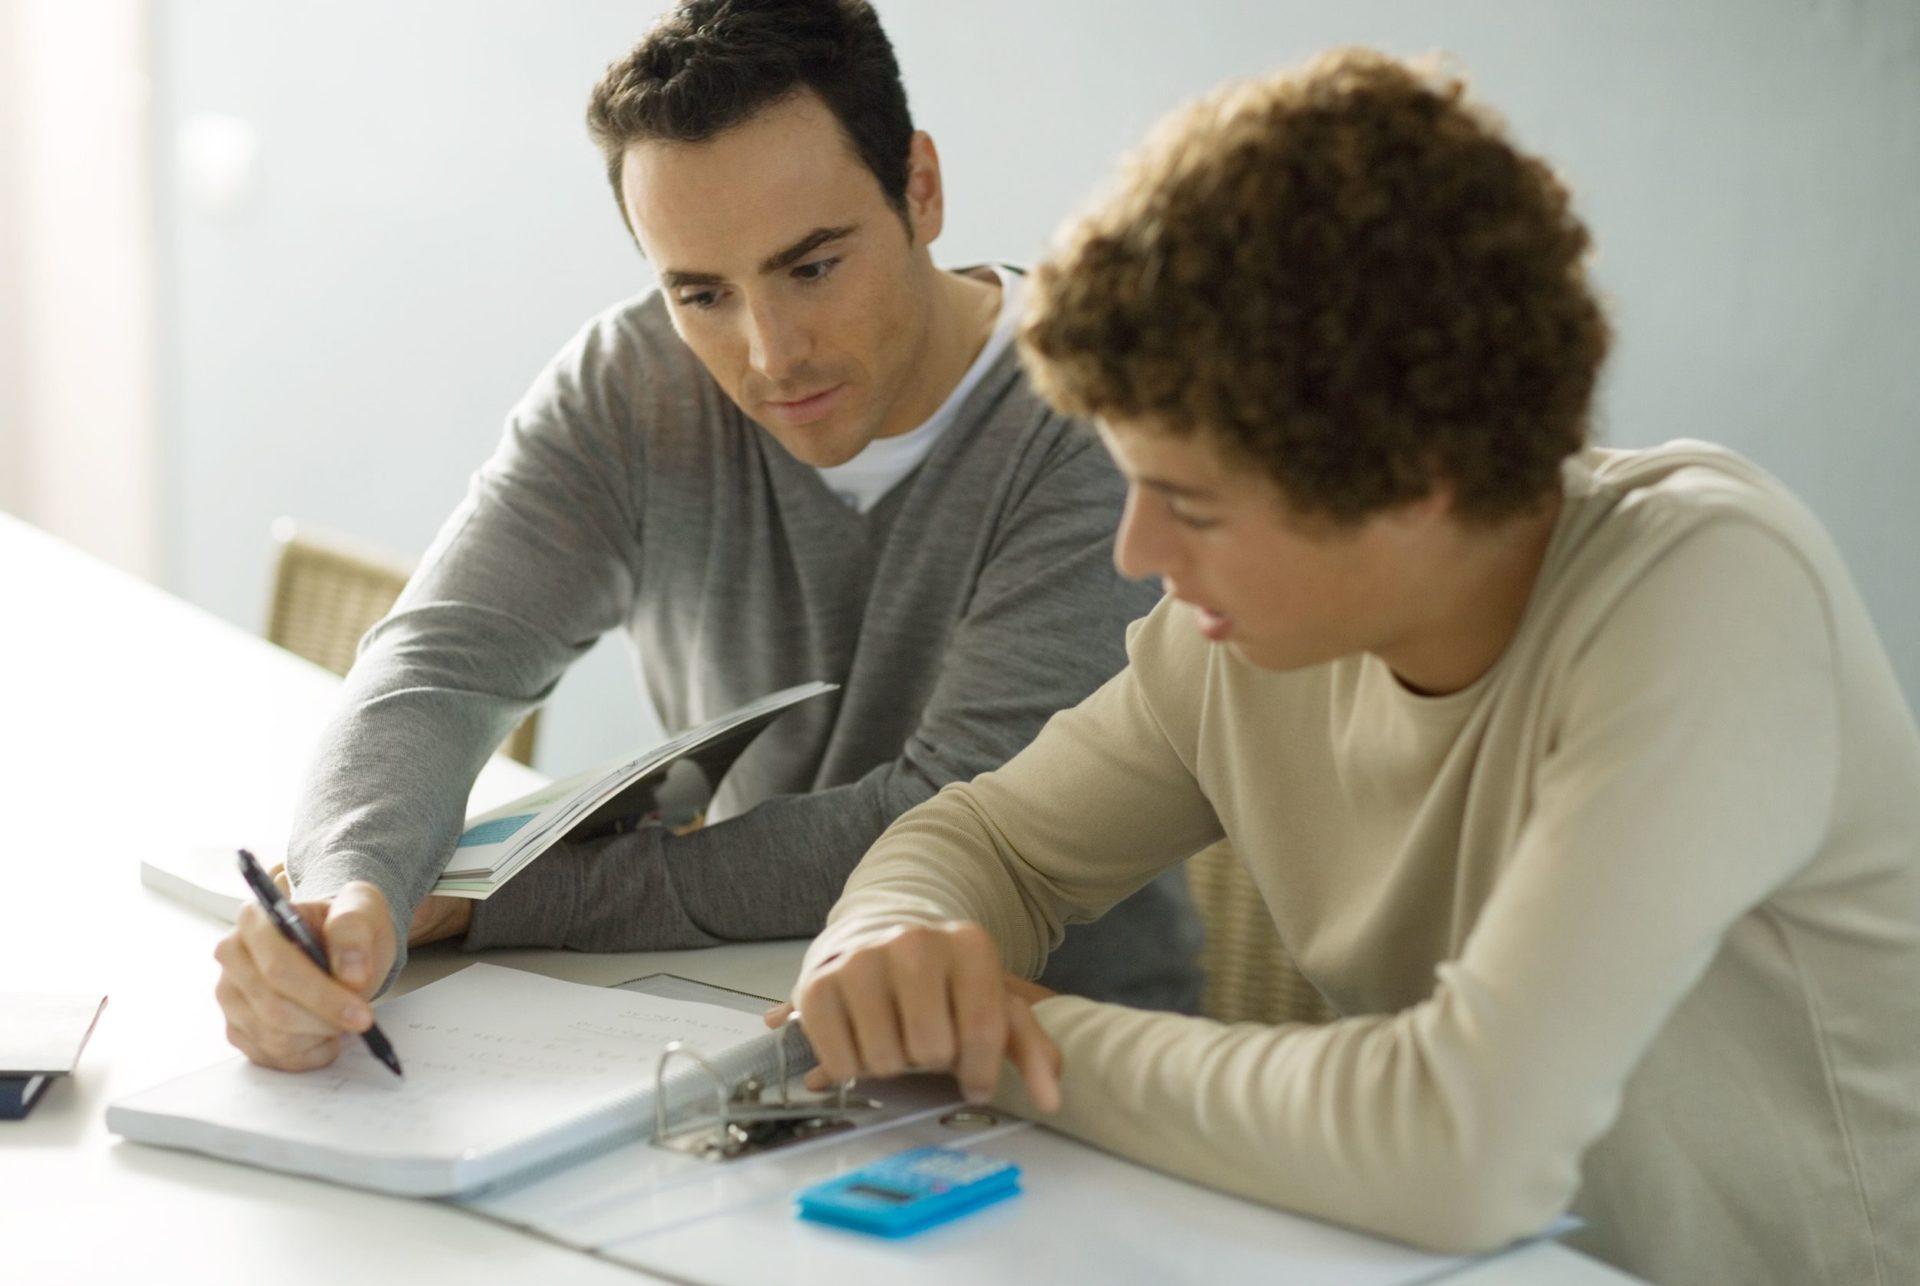 Enseignant qui aide un adolescent à faire ses devoirs